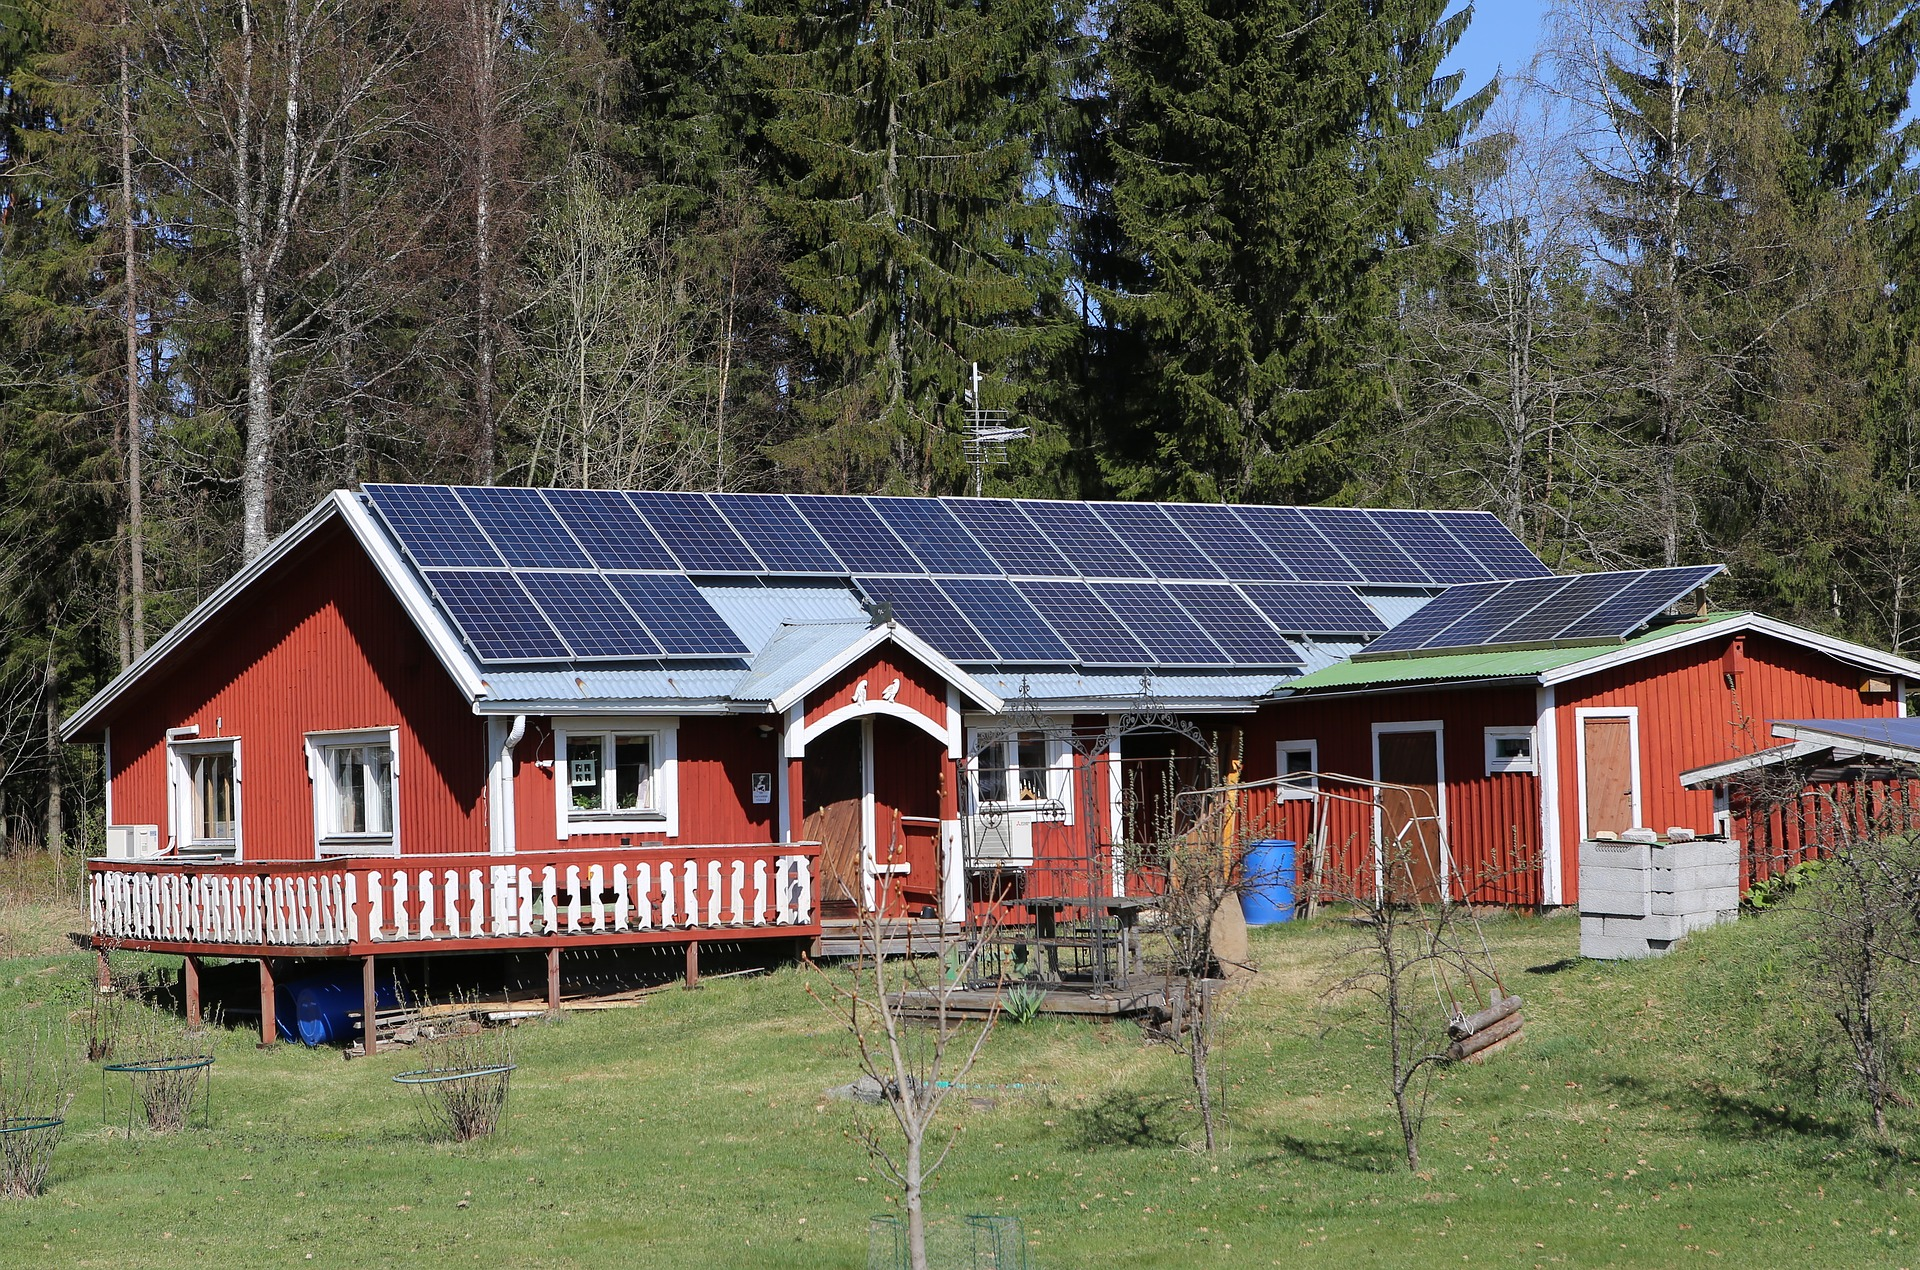 Energia solar valoriza o imóvel - Elysia sistema fotovoltaico RS